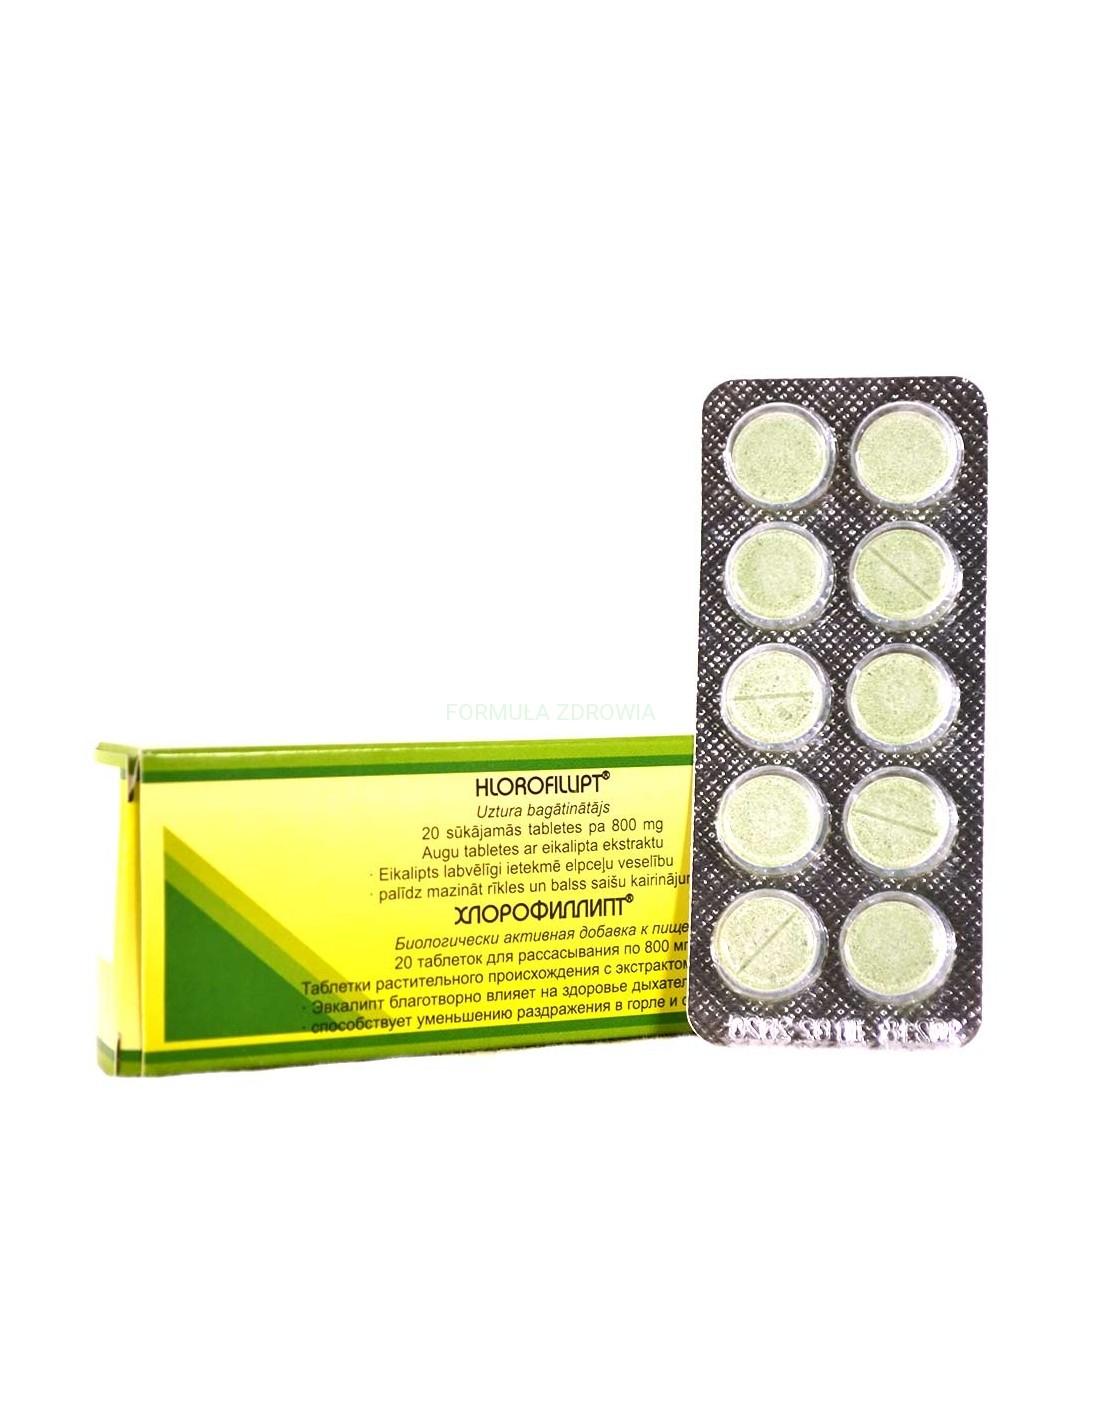 Chlorophyllipt tablety pre zdravie dýchacích ciest - Vifiteh - 20 tabliet